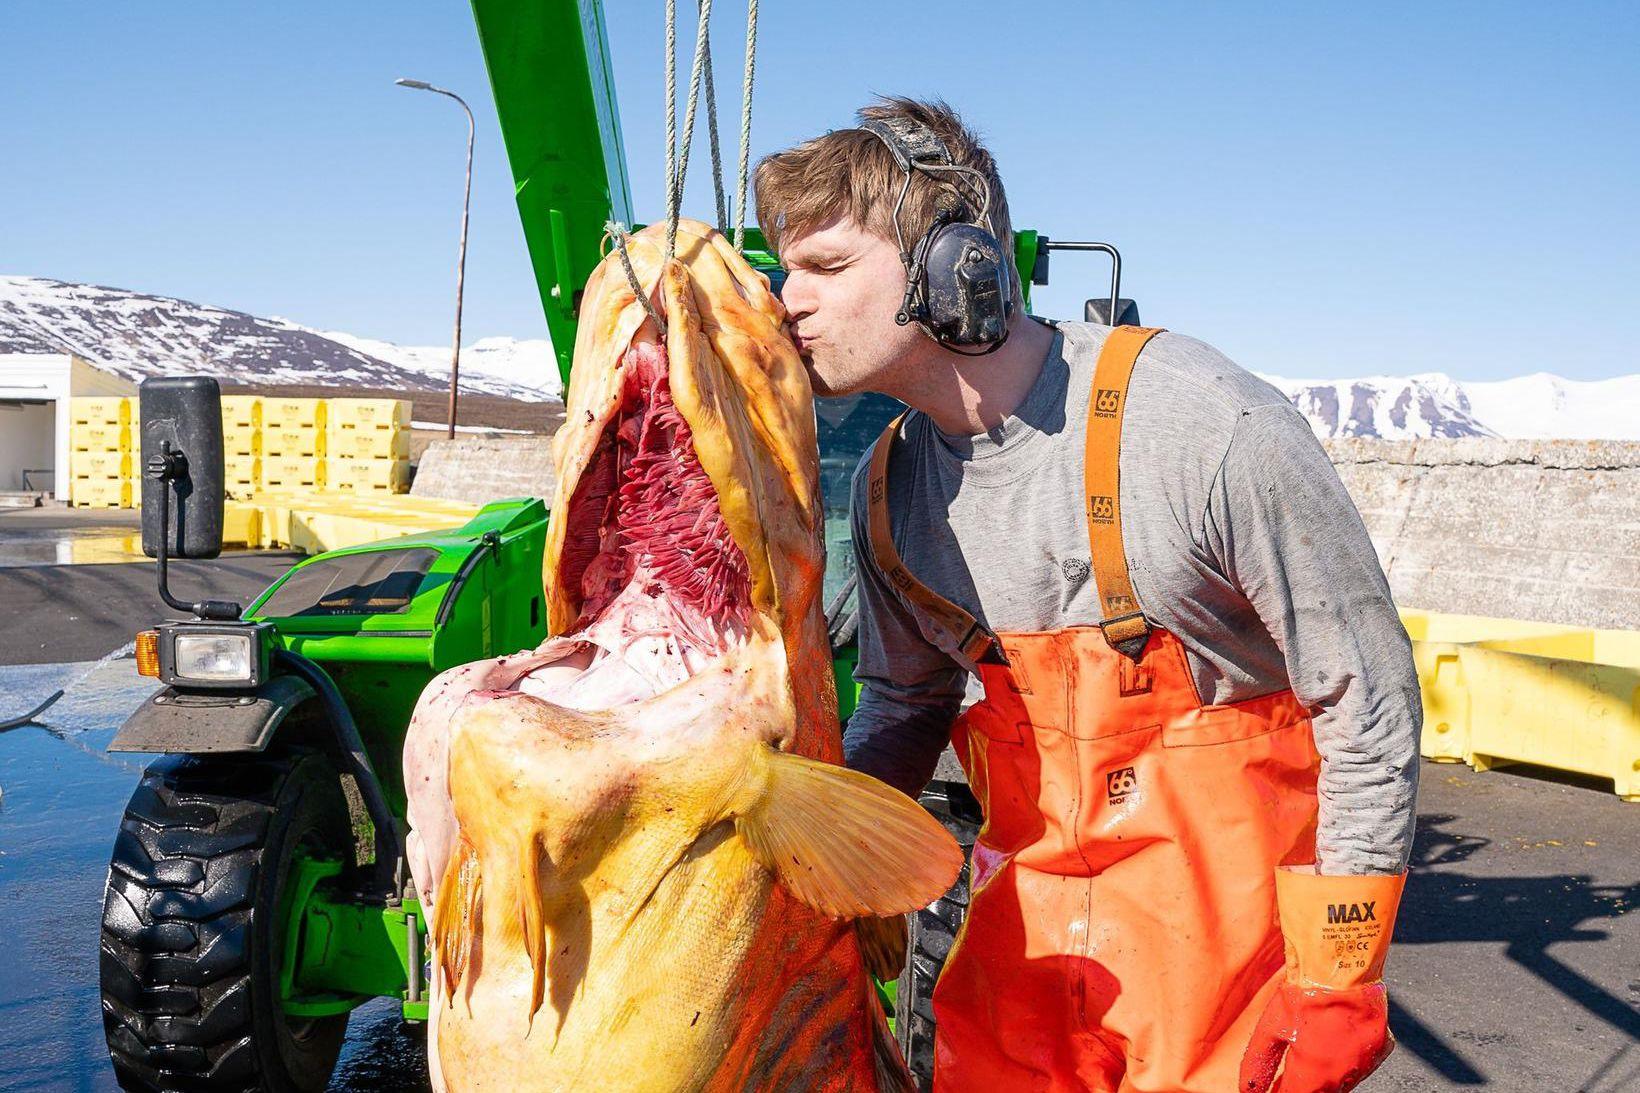 Þorskurinn stóri kysstur bless.